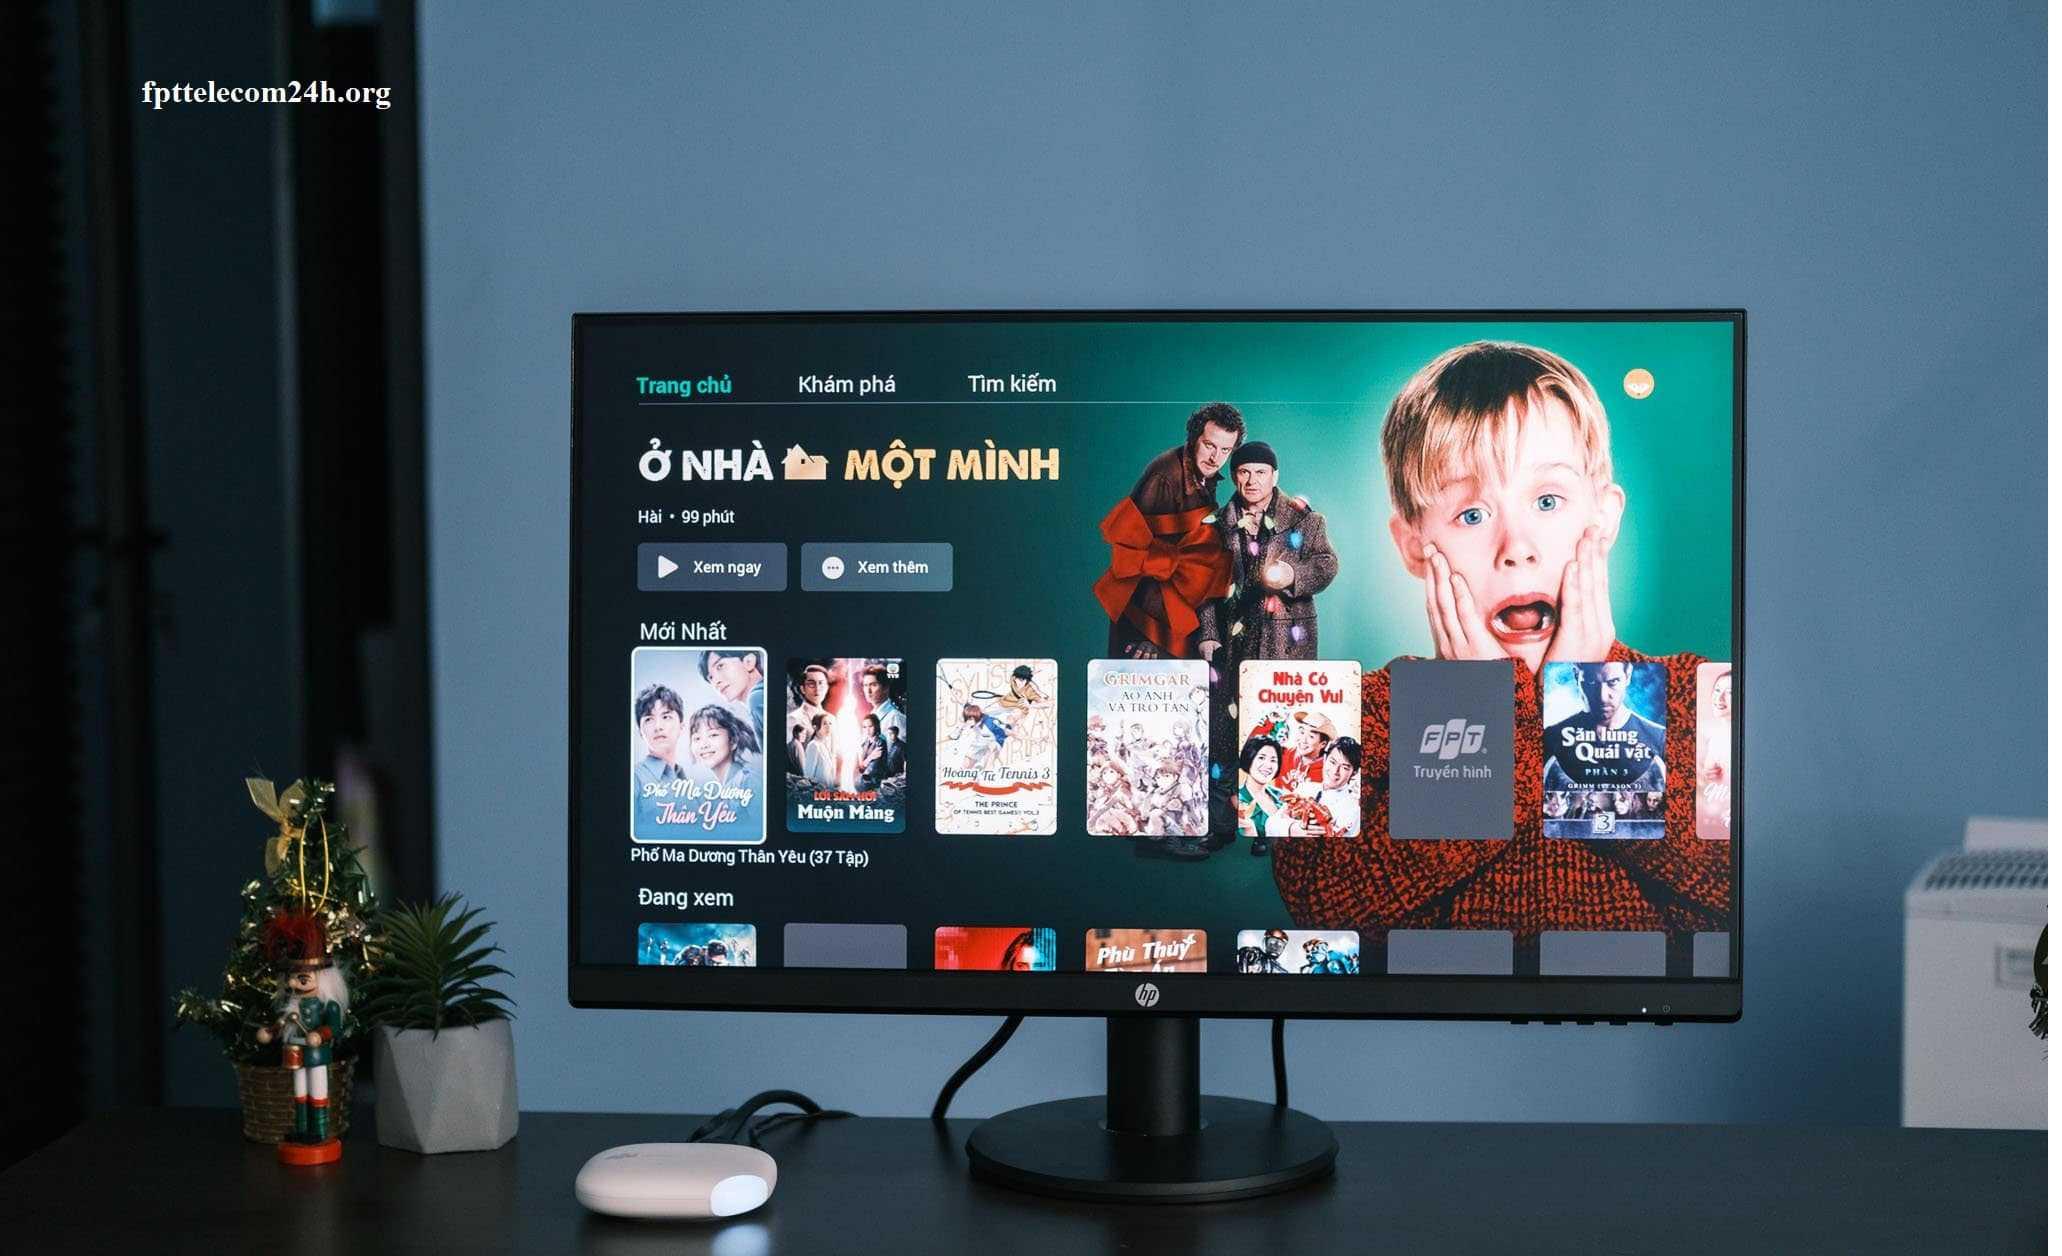 ứng dụng phim truyện trên truyền hình fpt 2020